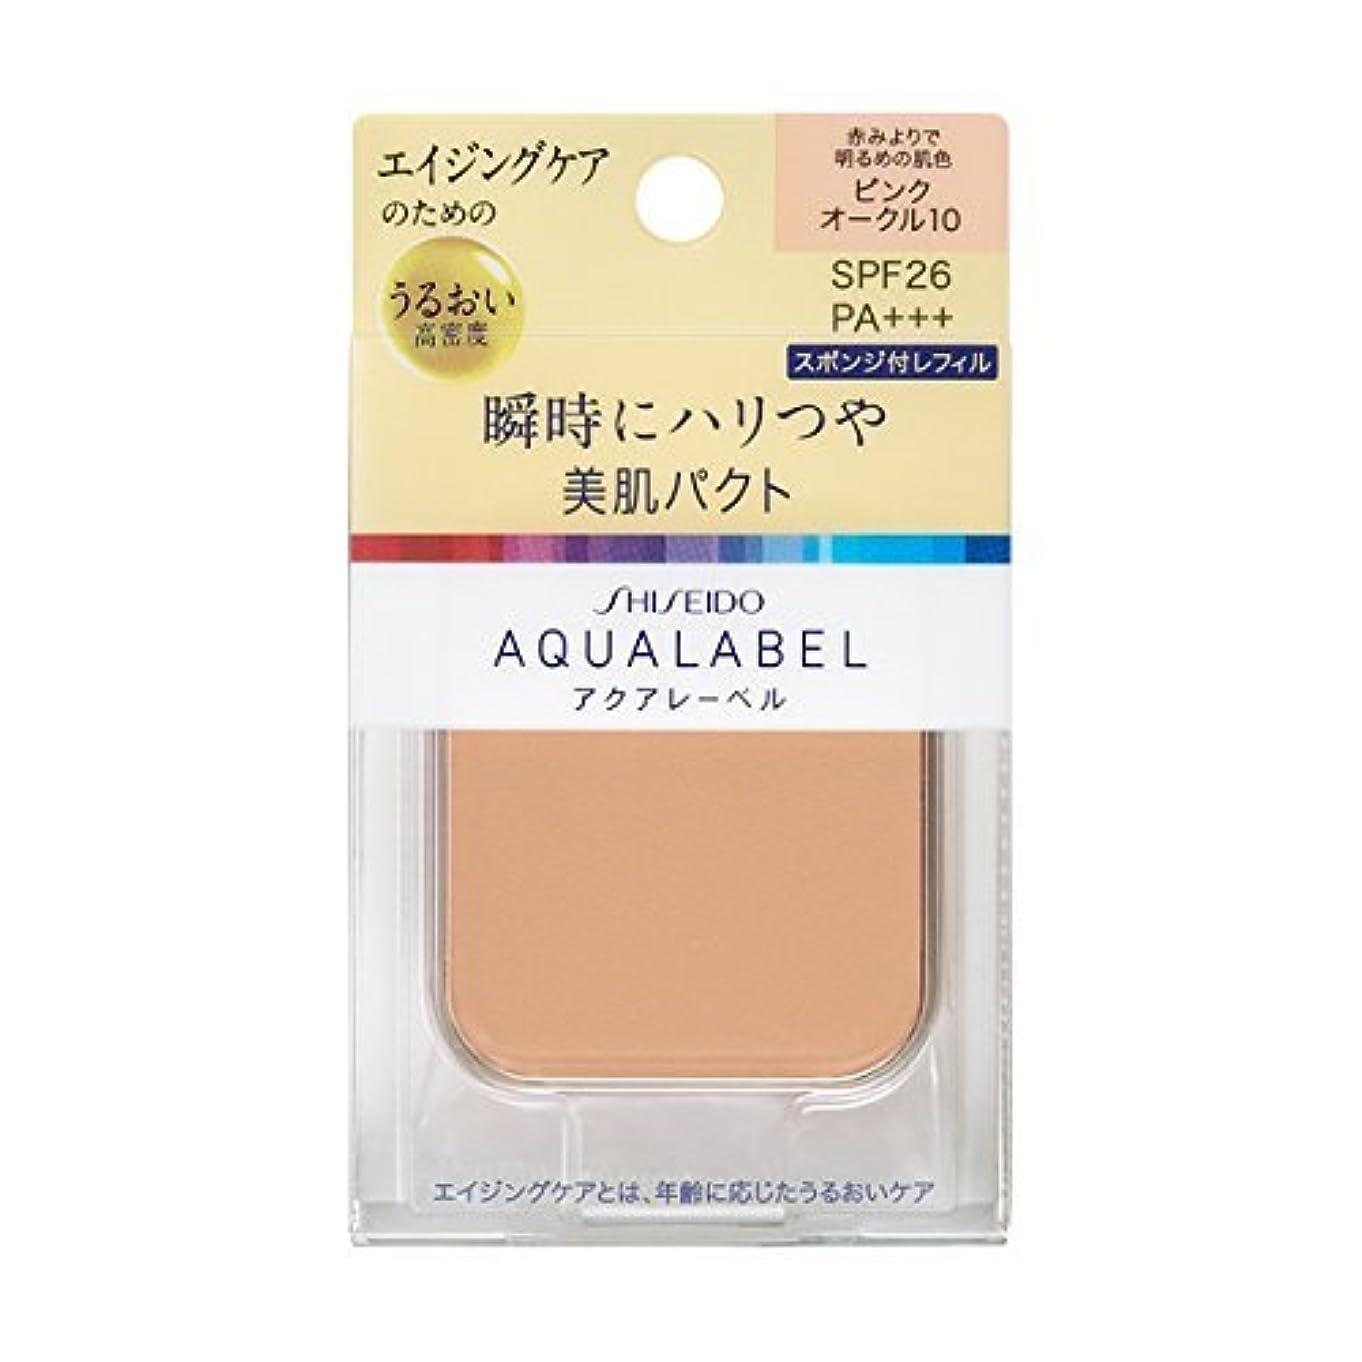 暴露するモーションリースアクアレーベル 明るいつや肌パクト ピンクオークル10 (レフィル) 11.5g×6個